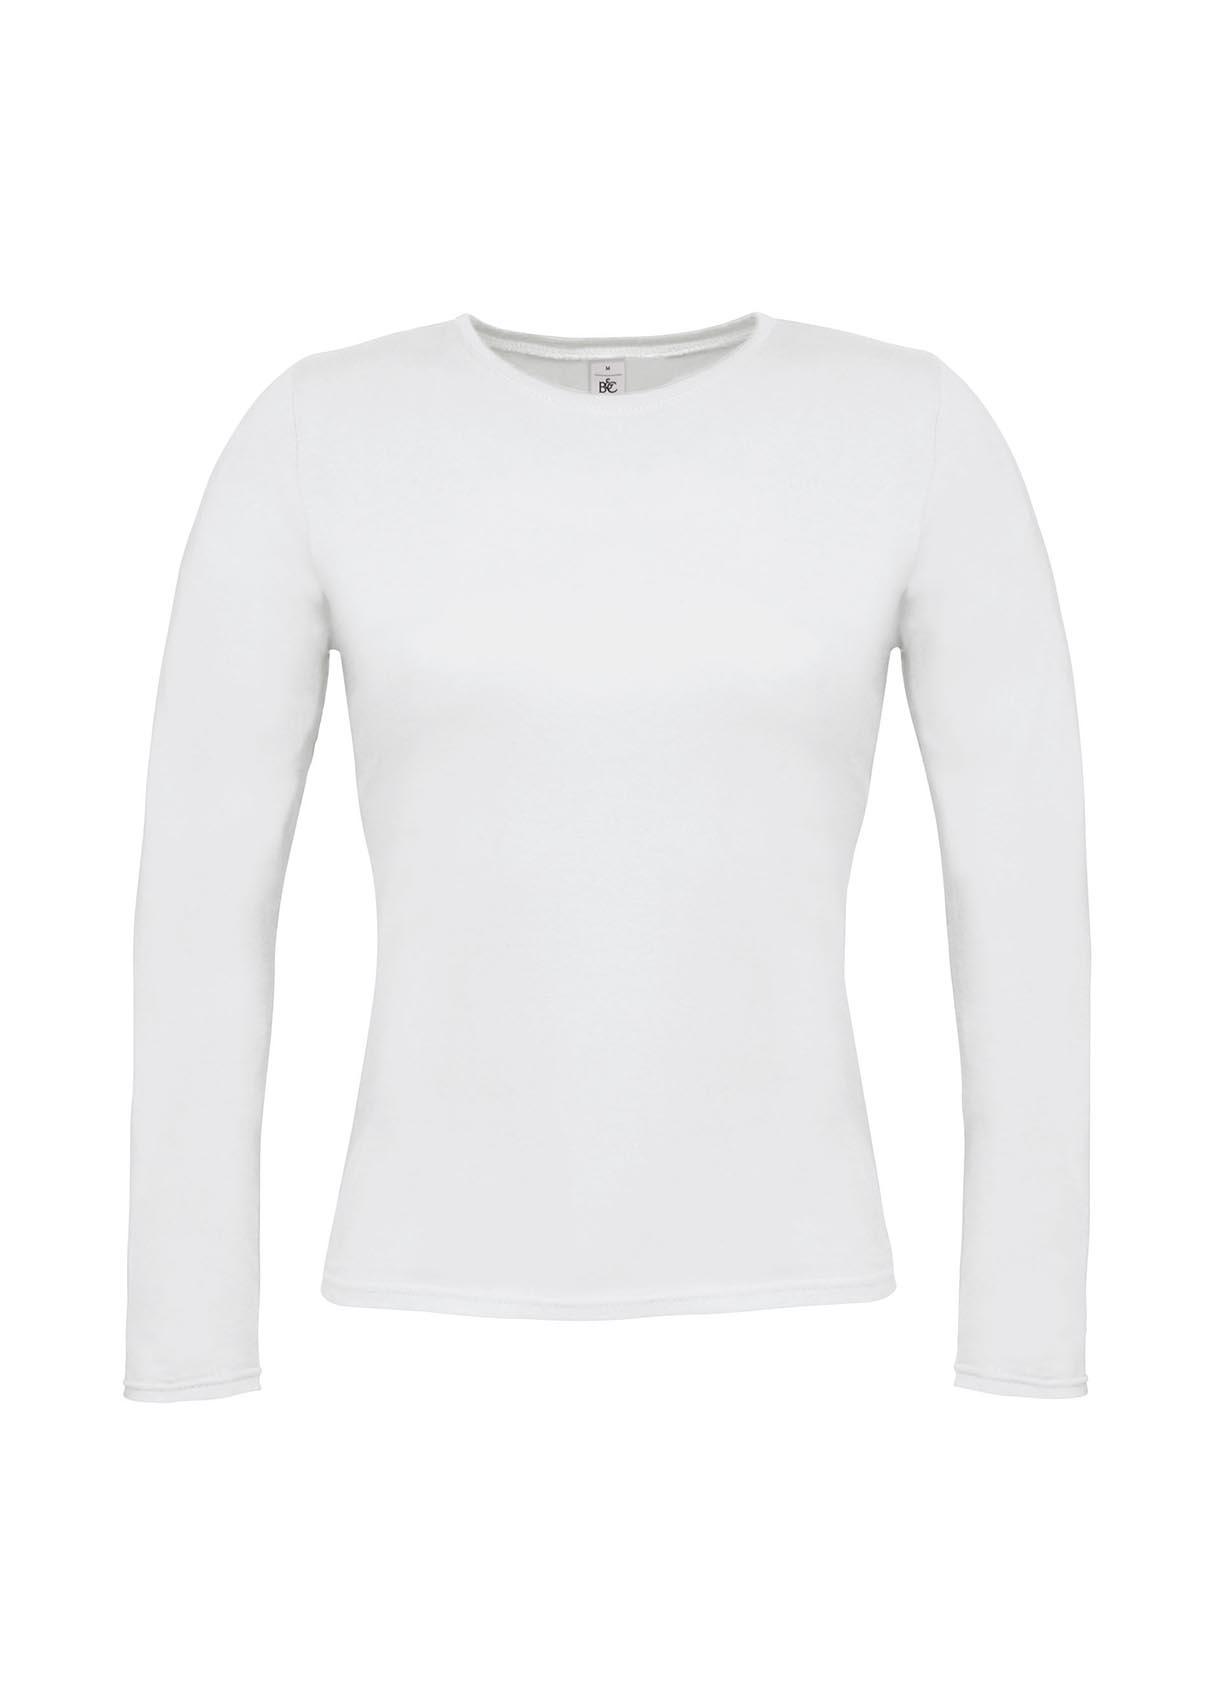 Μπλούζα γυναικεία μακρυμάνικη - Λευκή Νο 13 (B and C TW013)